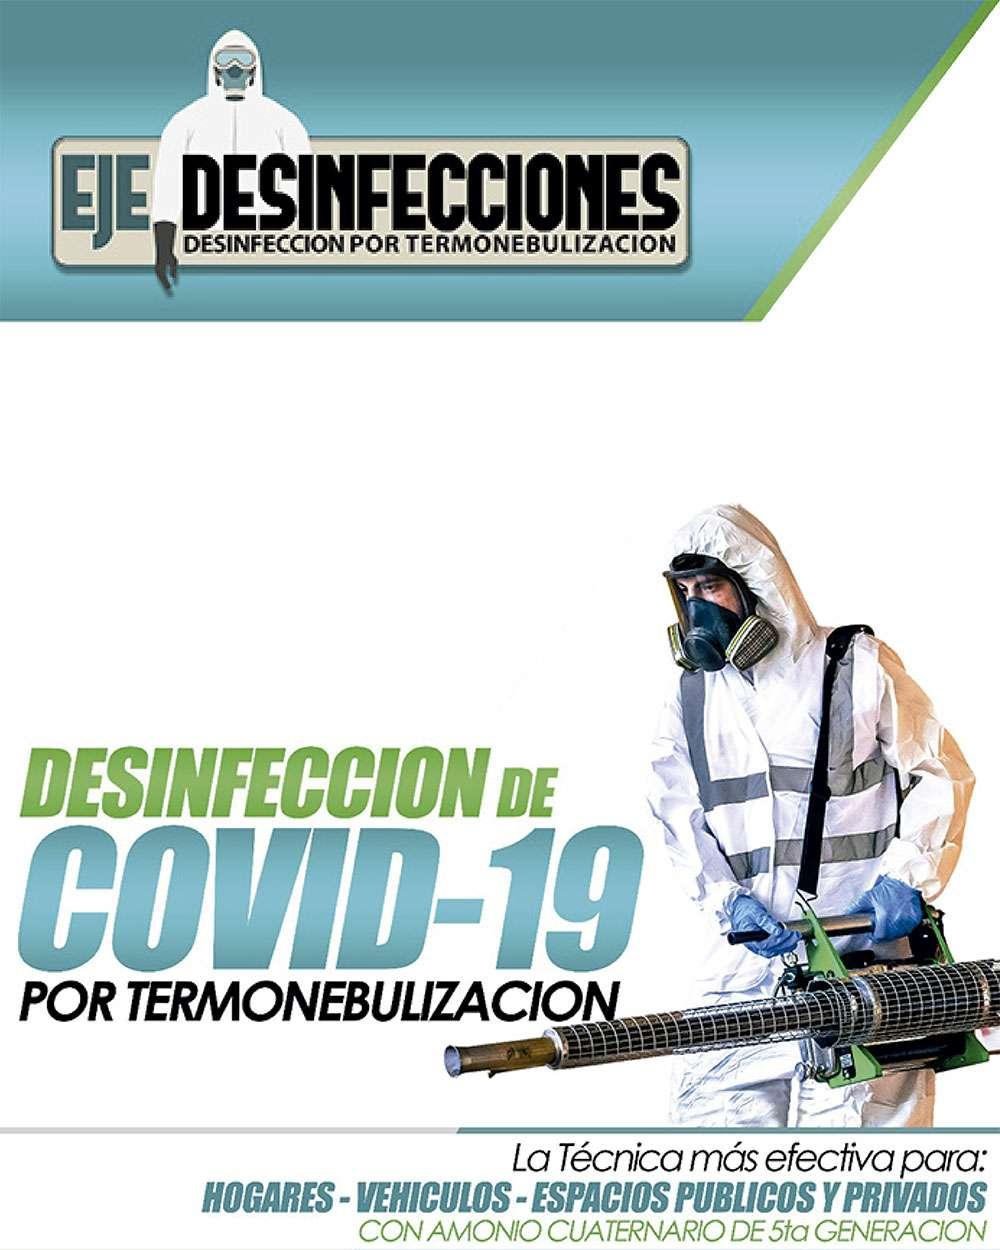 Eje Desinfecciones